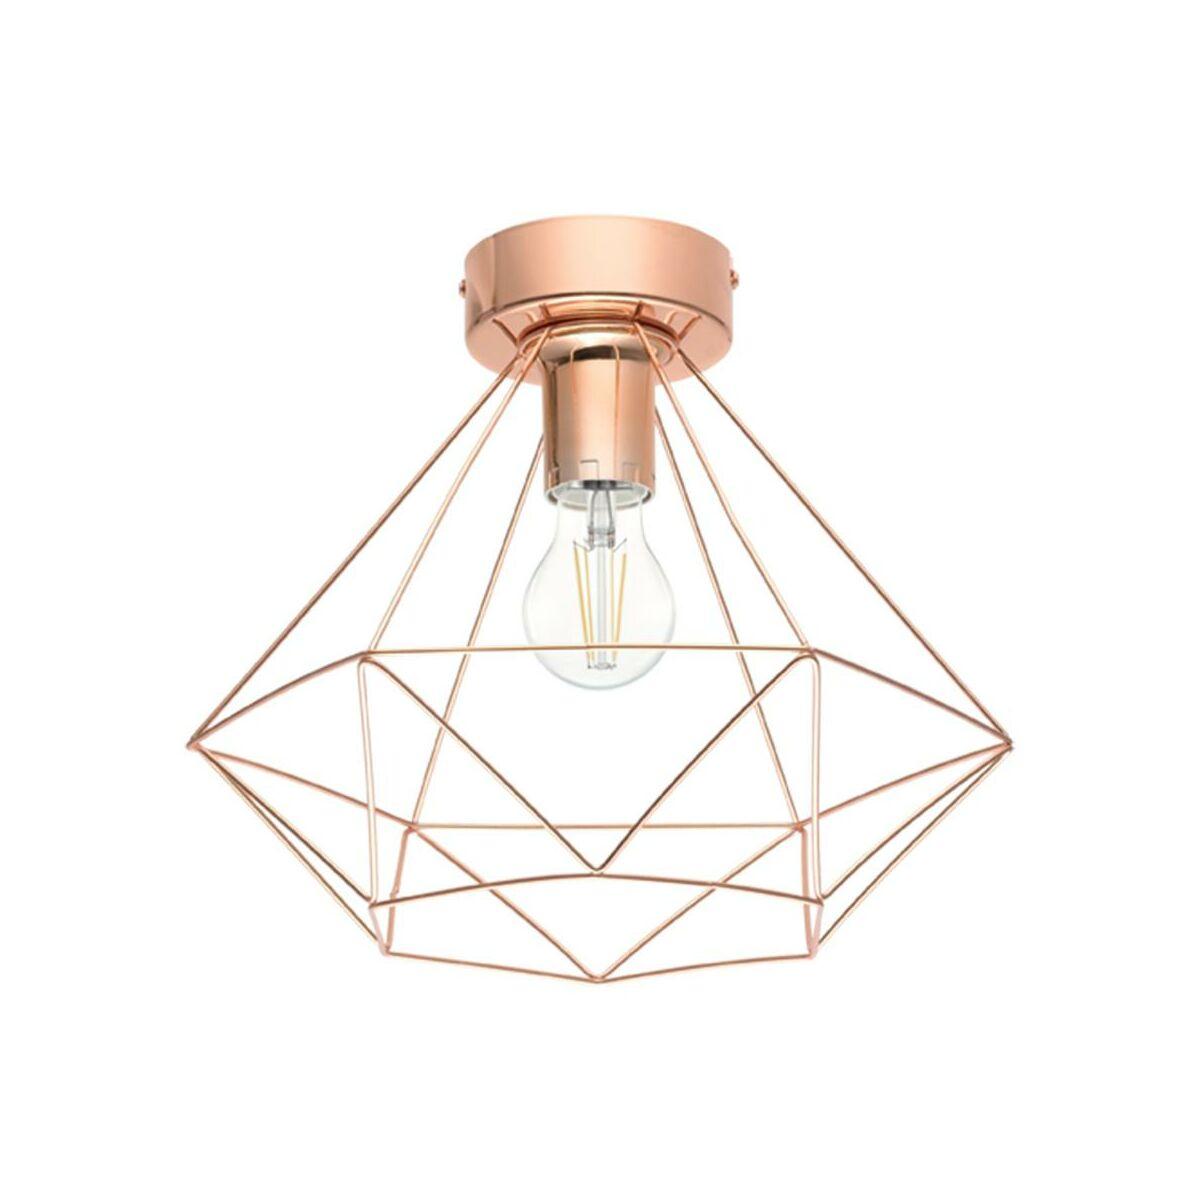 Lampa sufitowa BYRON miedziana E27 INSPIRE